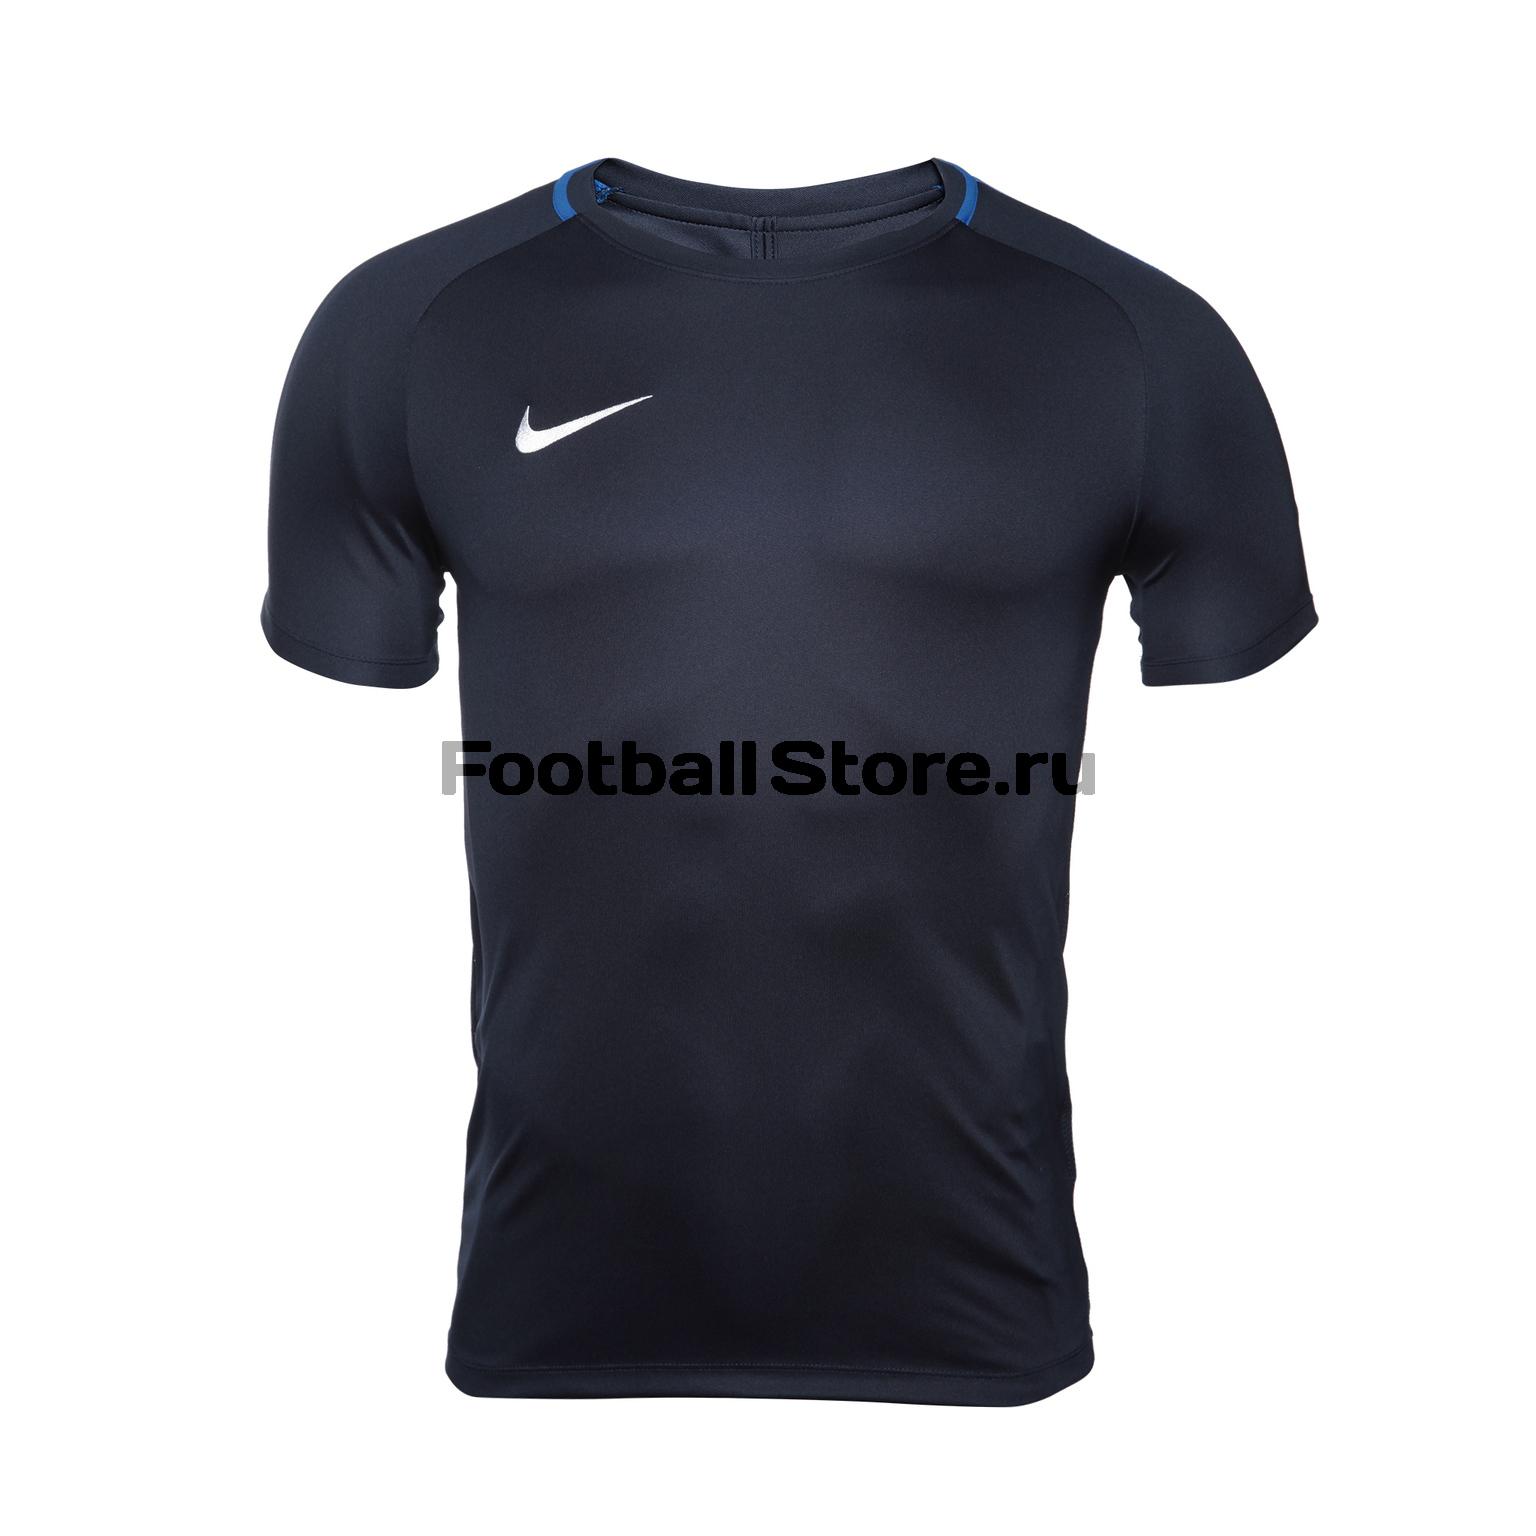 Футболка тренировочная Nike Dry Academy18 Top SS 893693-451 футболка тренировочная nike academy ss top jr 726008 451